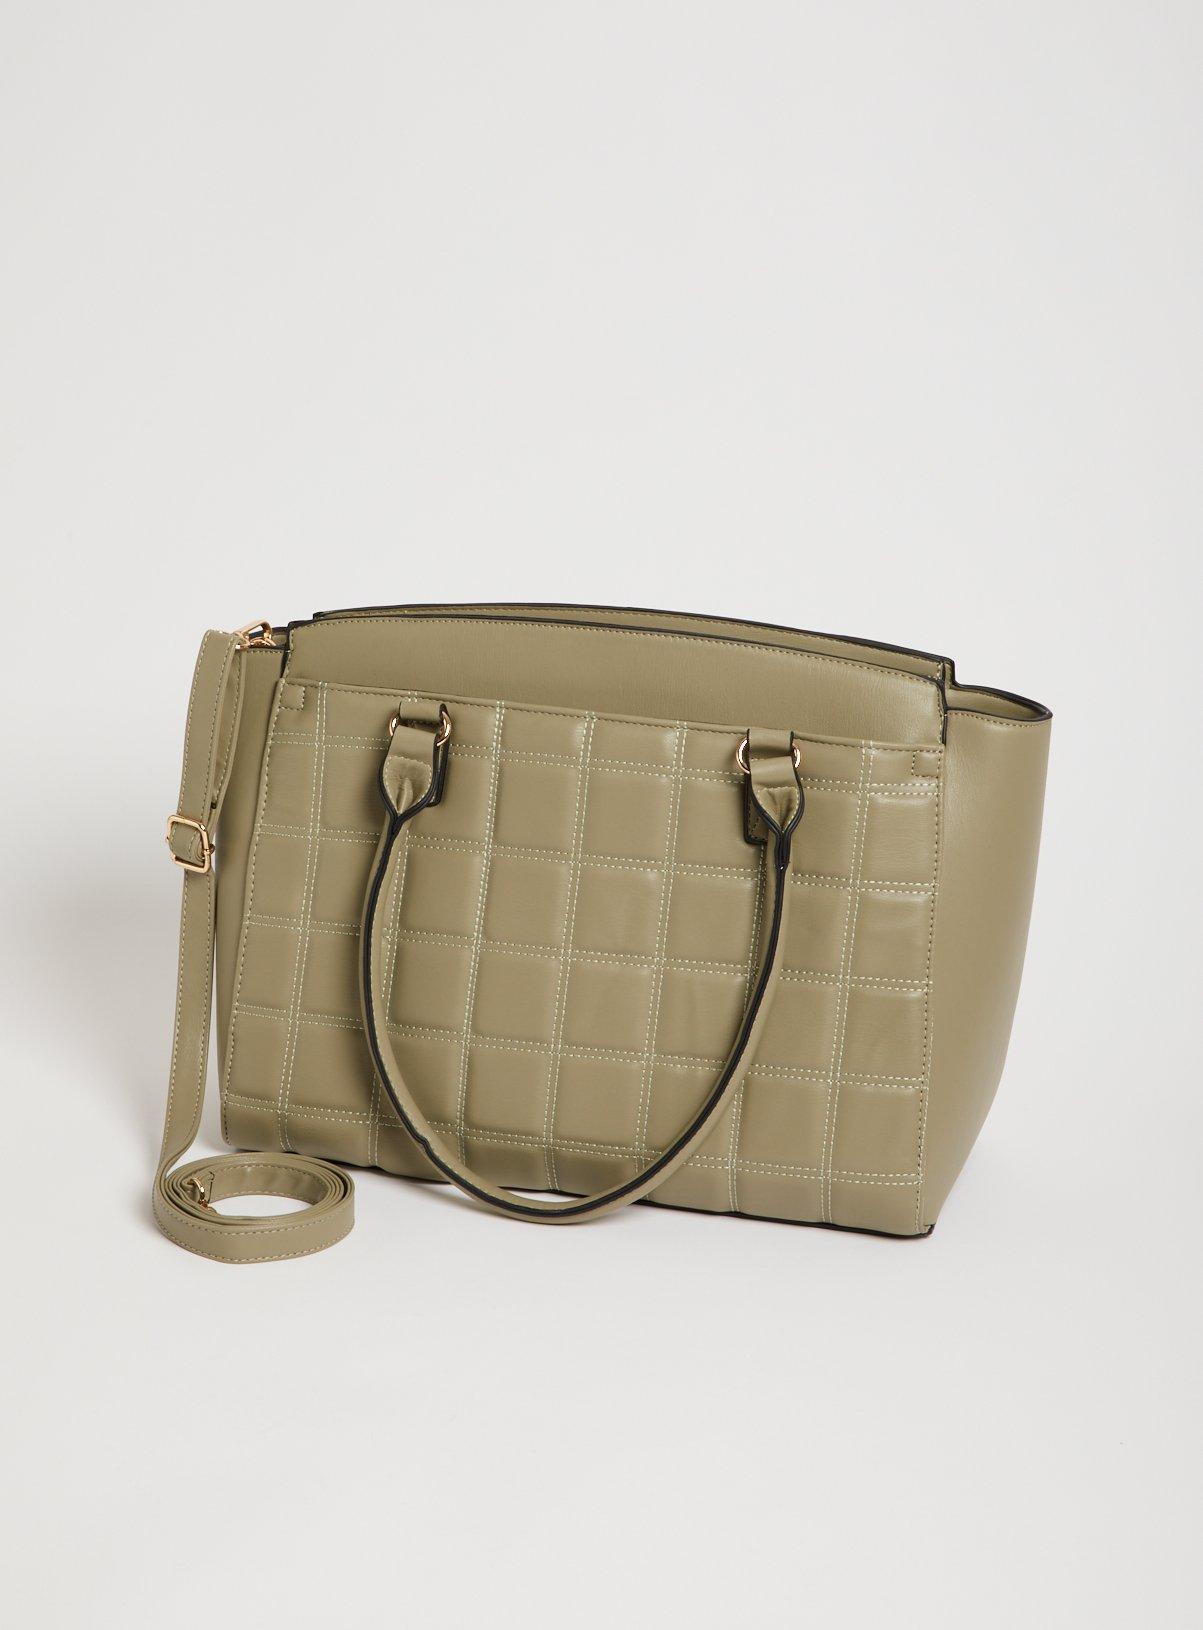 Khaki Padded Handheld Laptop Bag - One Size